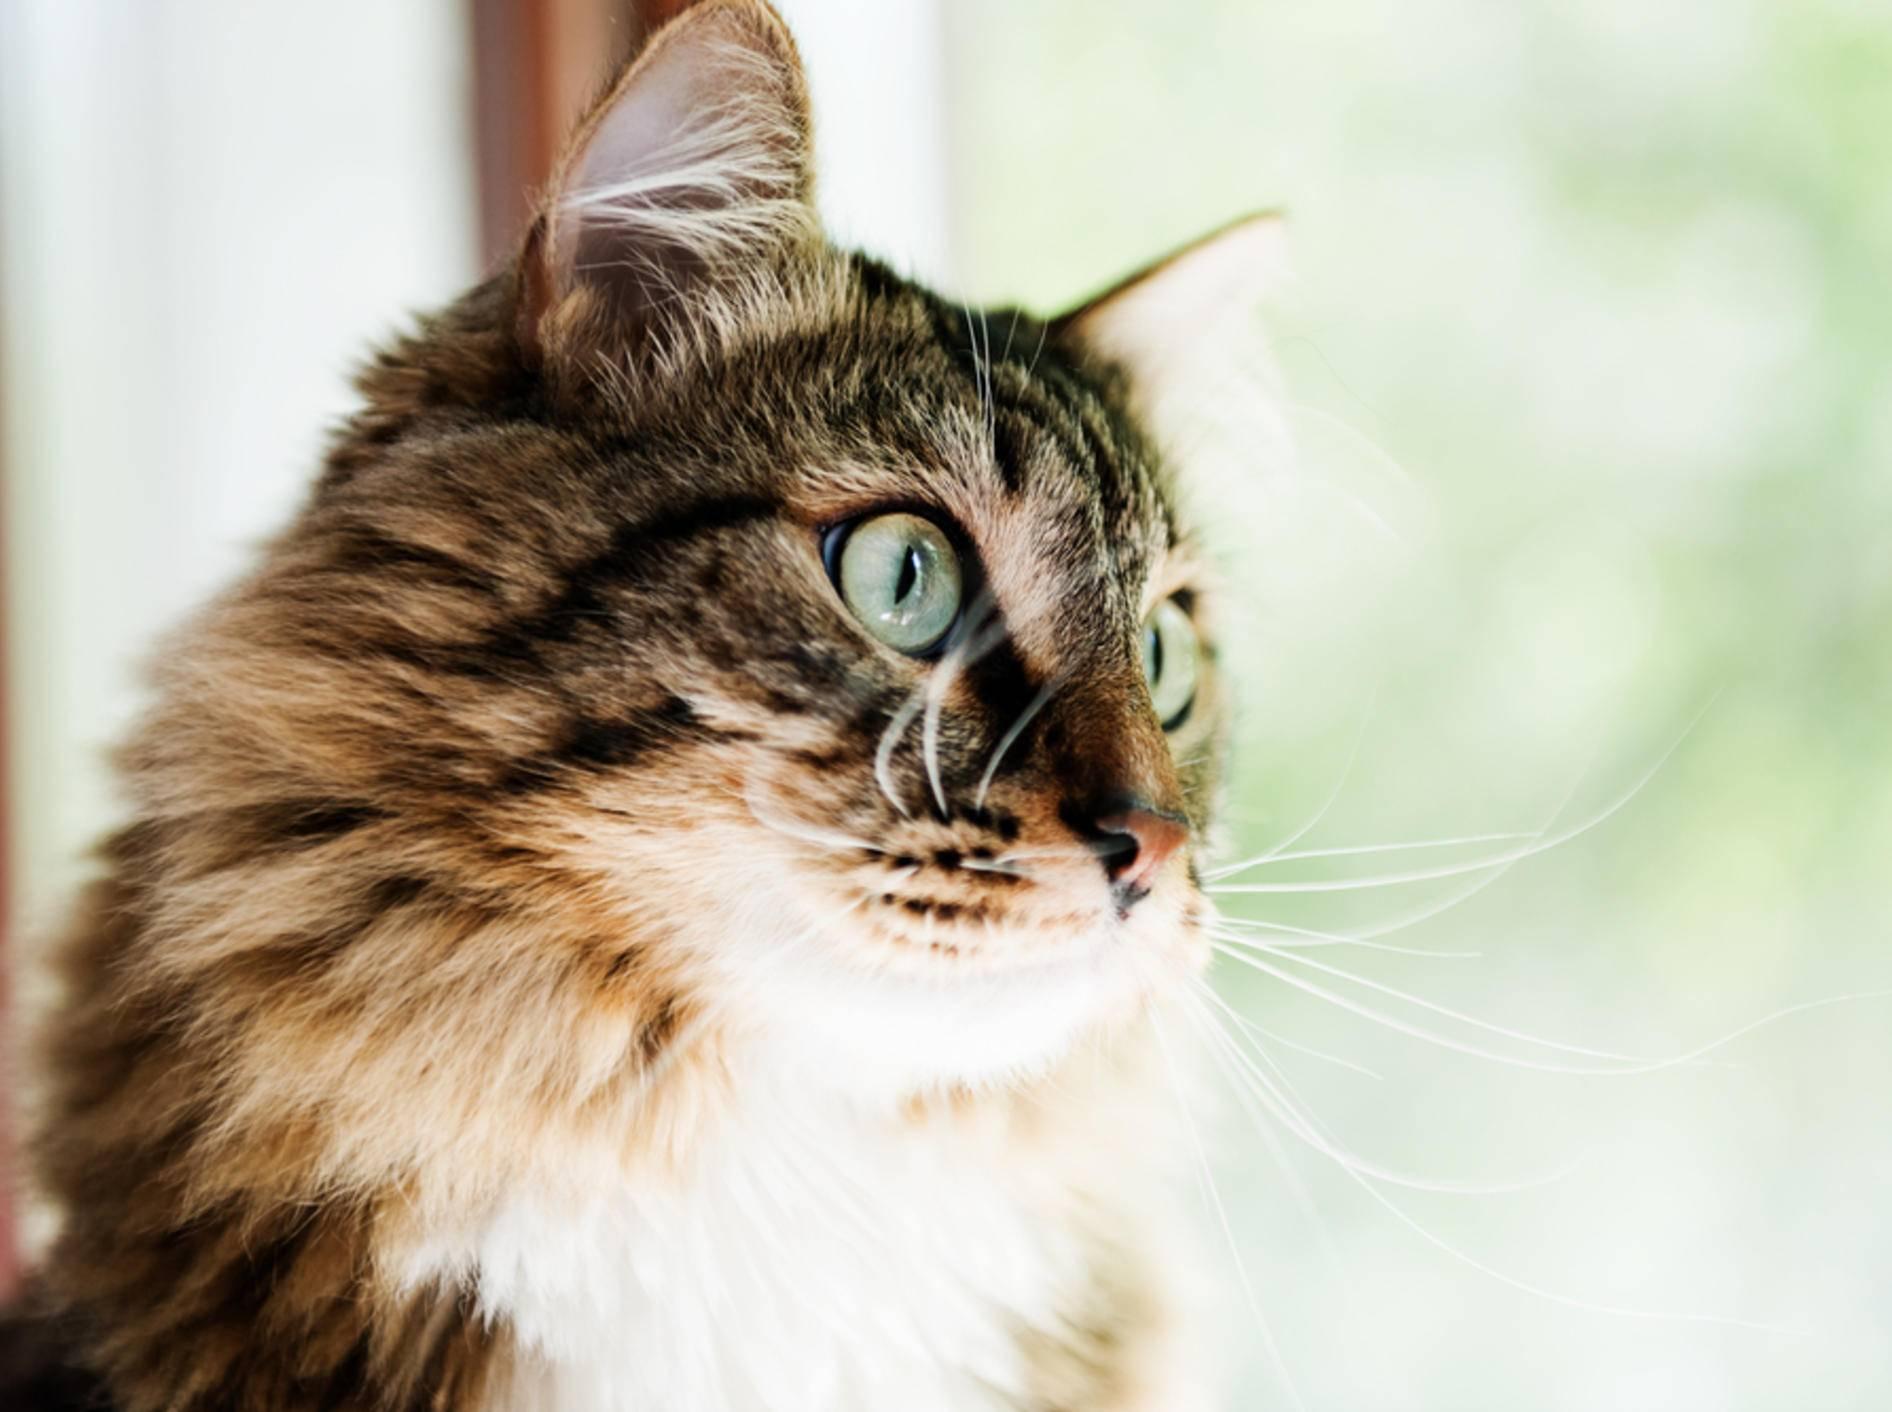 Wichtig: Kippfenster katzensicher machen – Bild: Shutterstock / Valerie Potapova